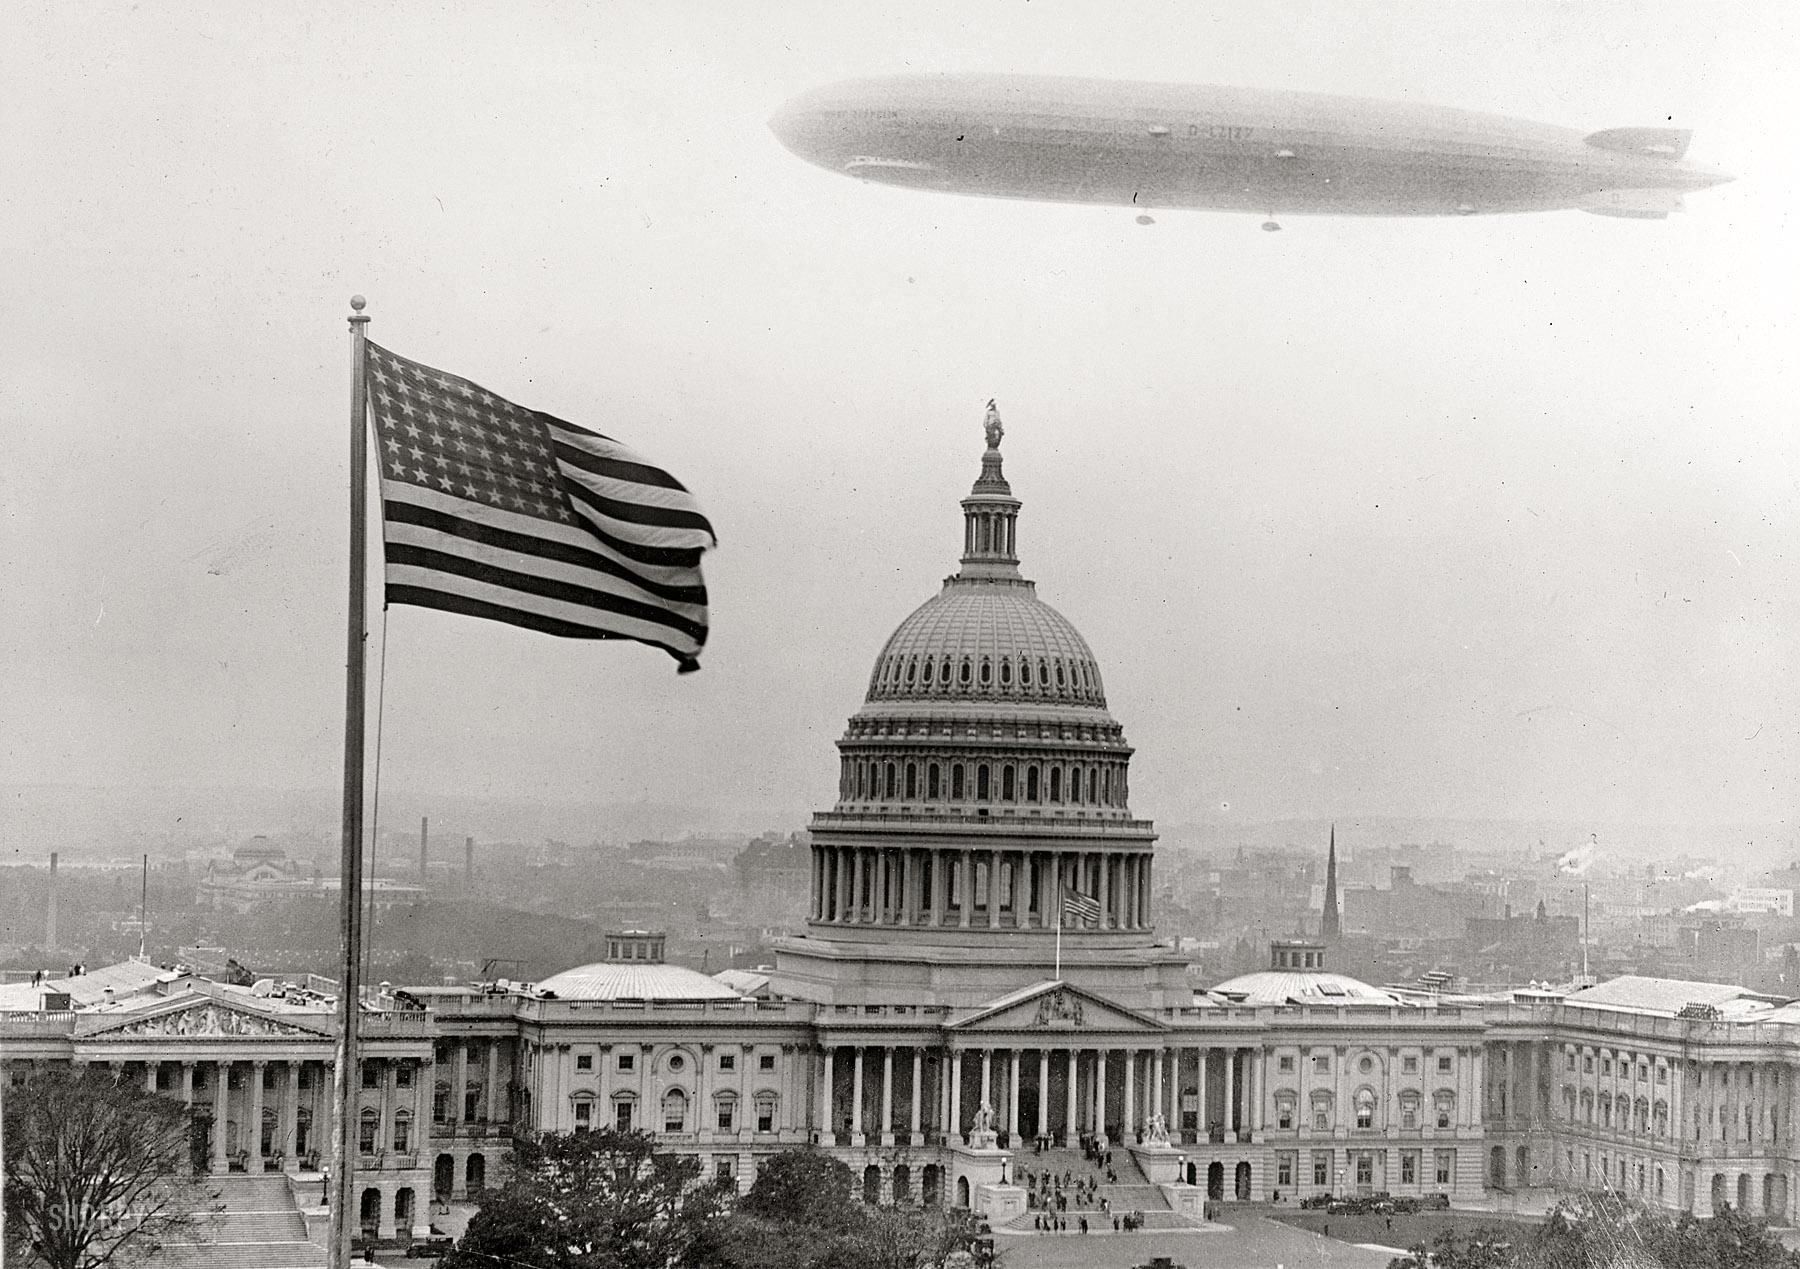 Washinton Capitol Graf Zeppelin The Graf Zeppelin